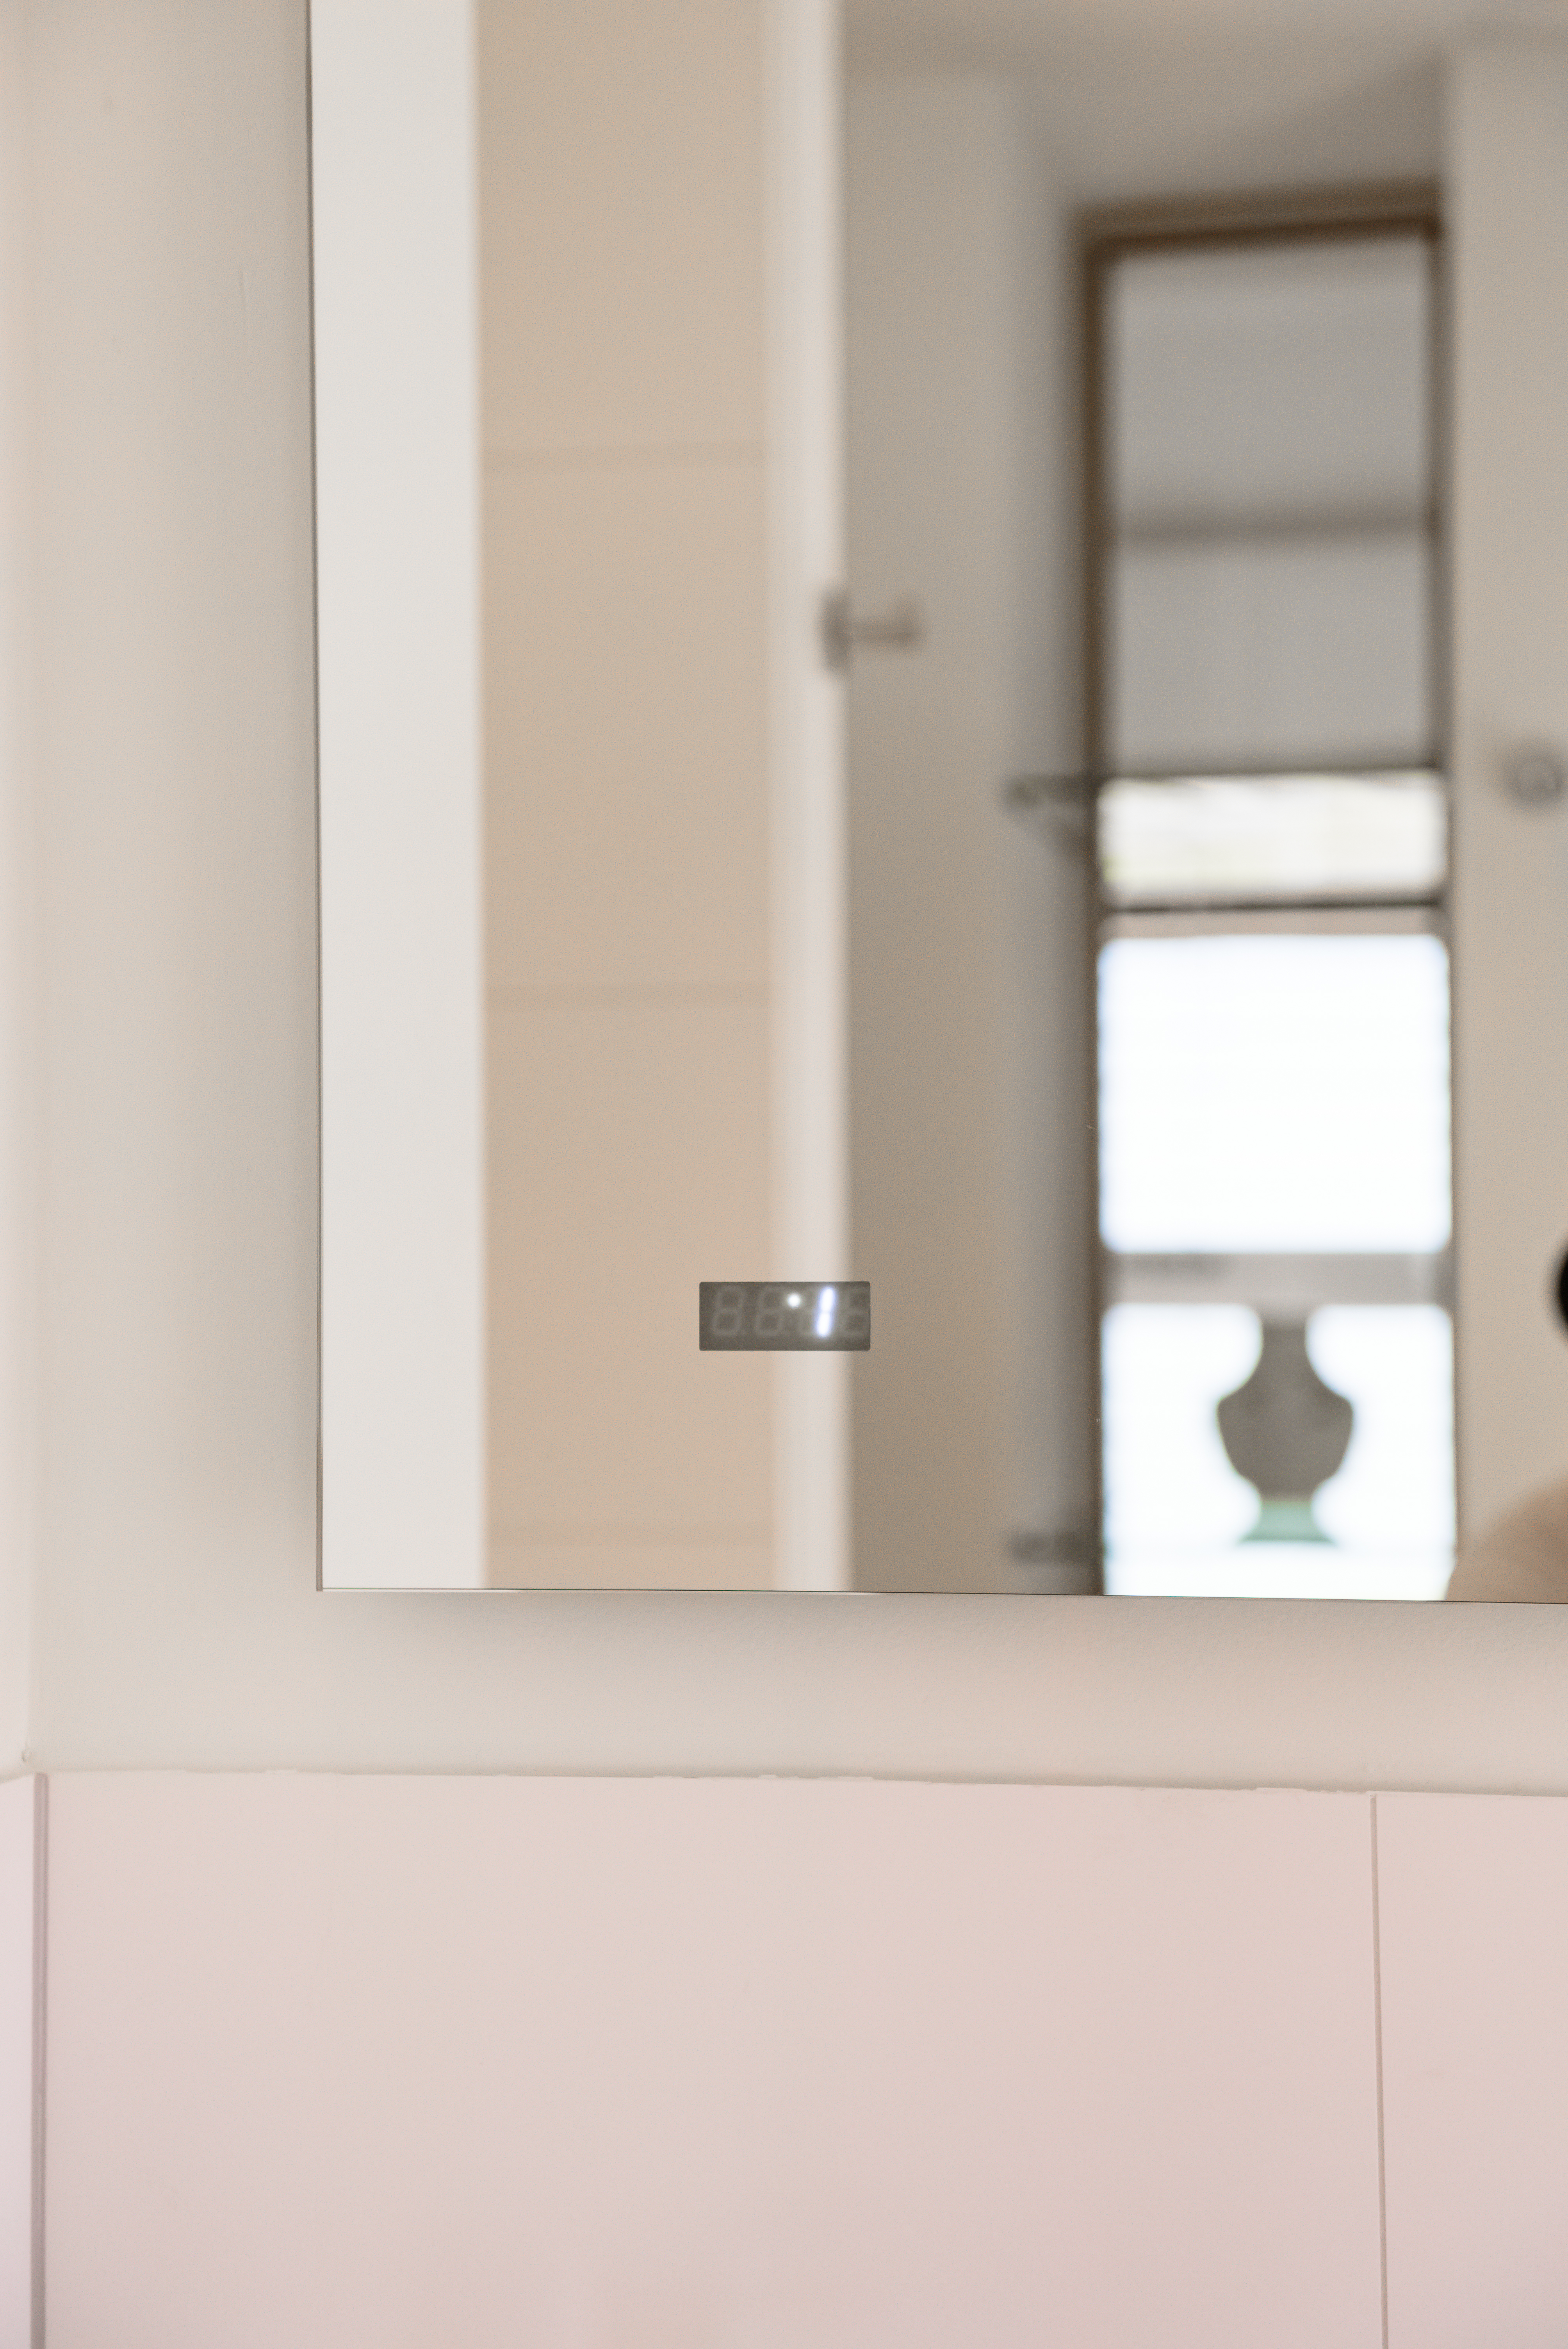 <p>Doorkijk in spiegel</p>